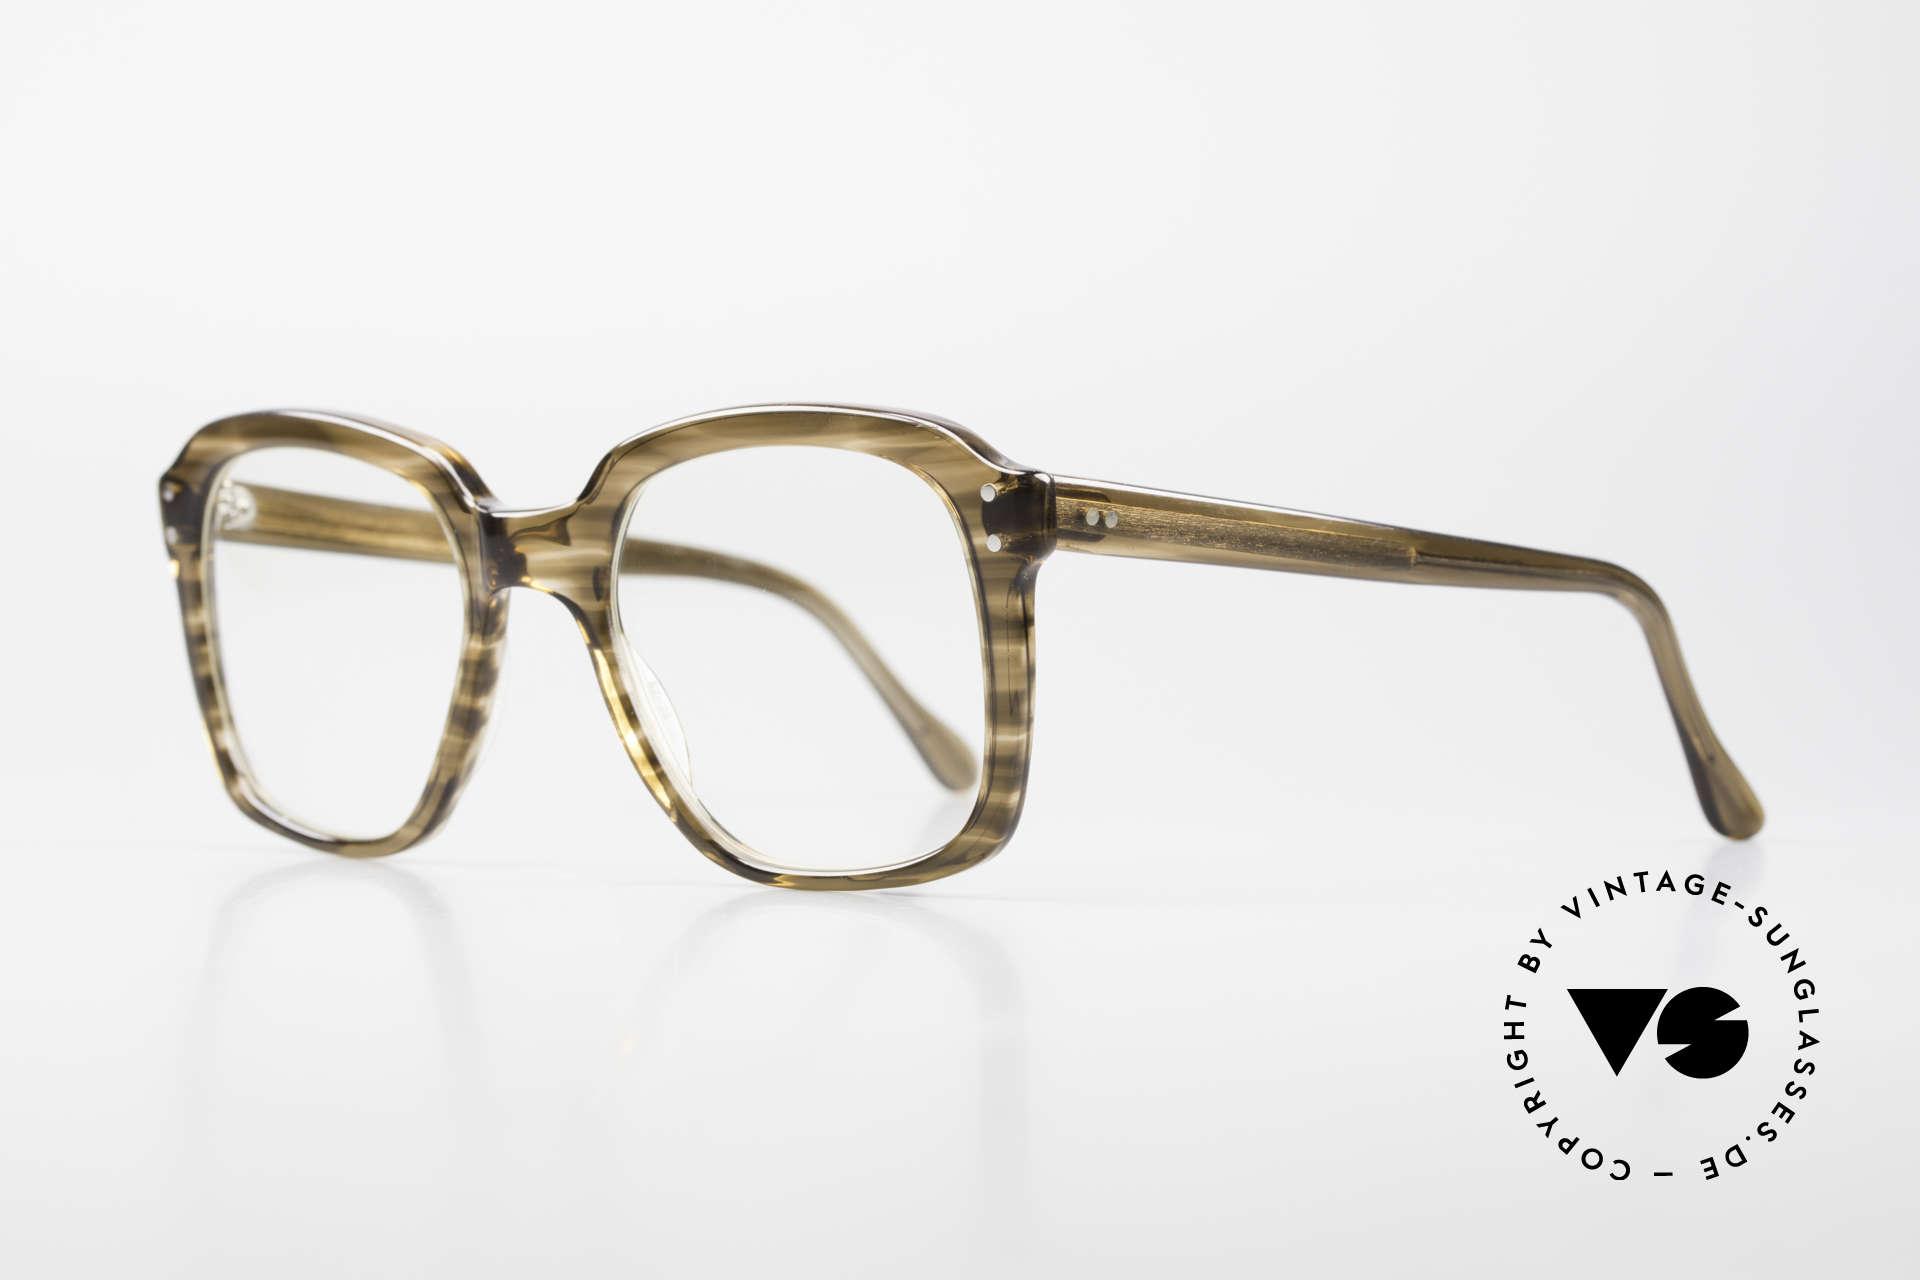 Metzler 449 Old 70's Original Nerd Glasses, massive frame, top craftsmanship; medium size 135mm, Made for Men